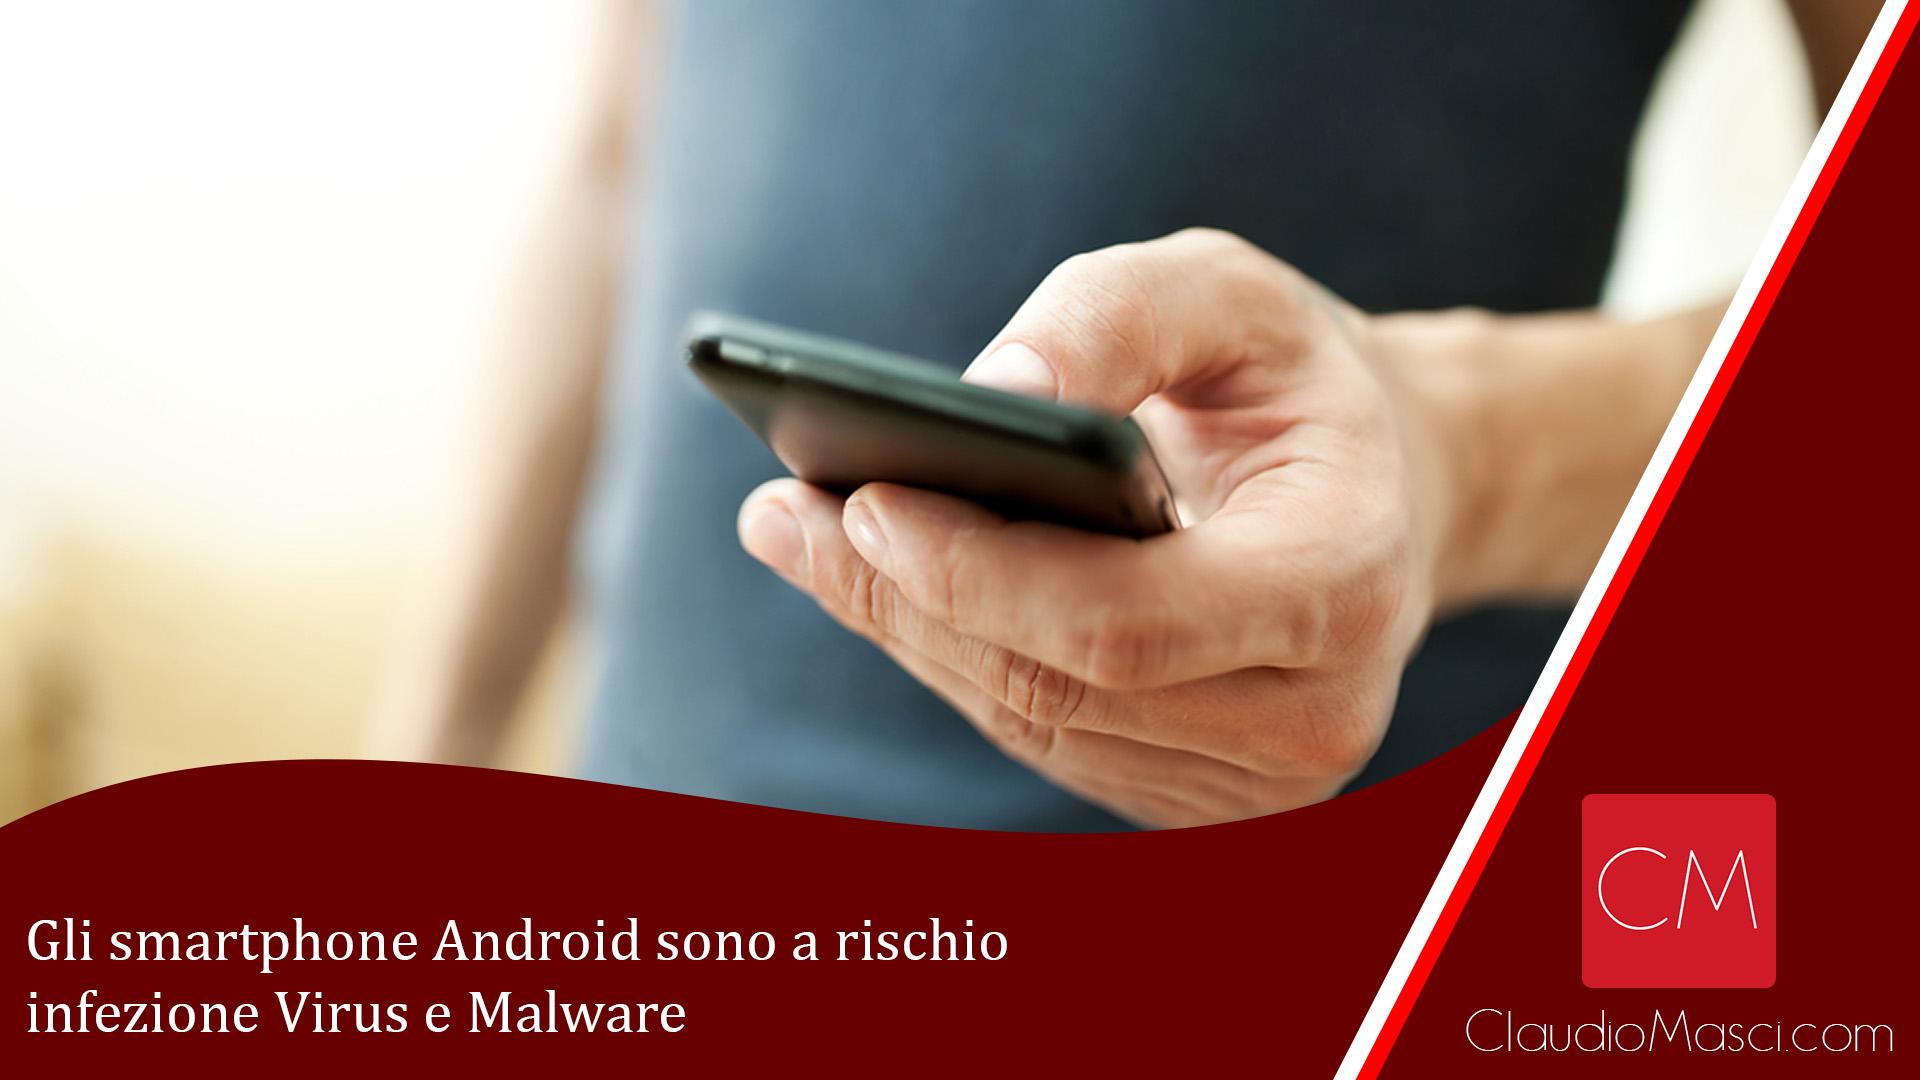 Gli smartphone Android sono a rischio infezione Virus e Malware